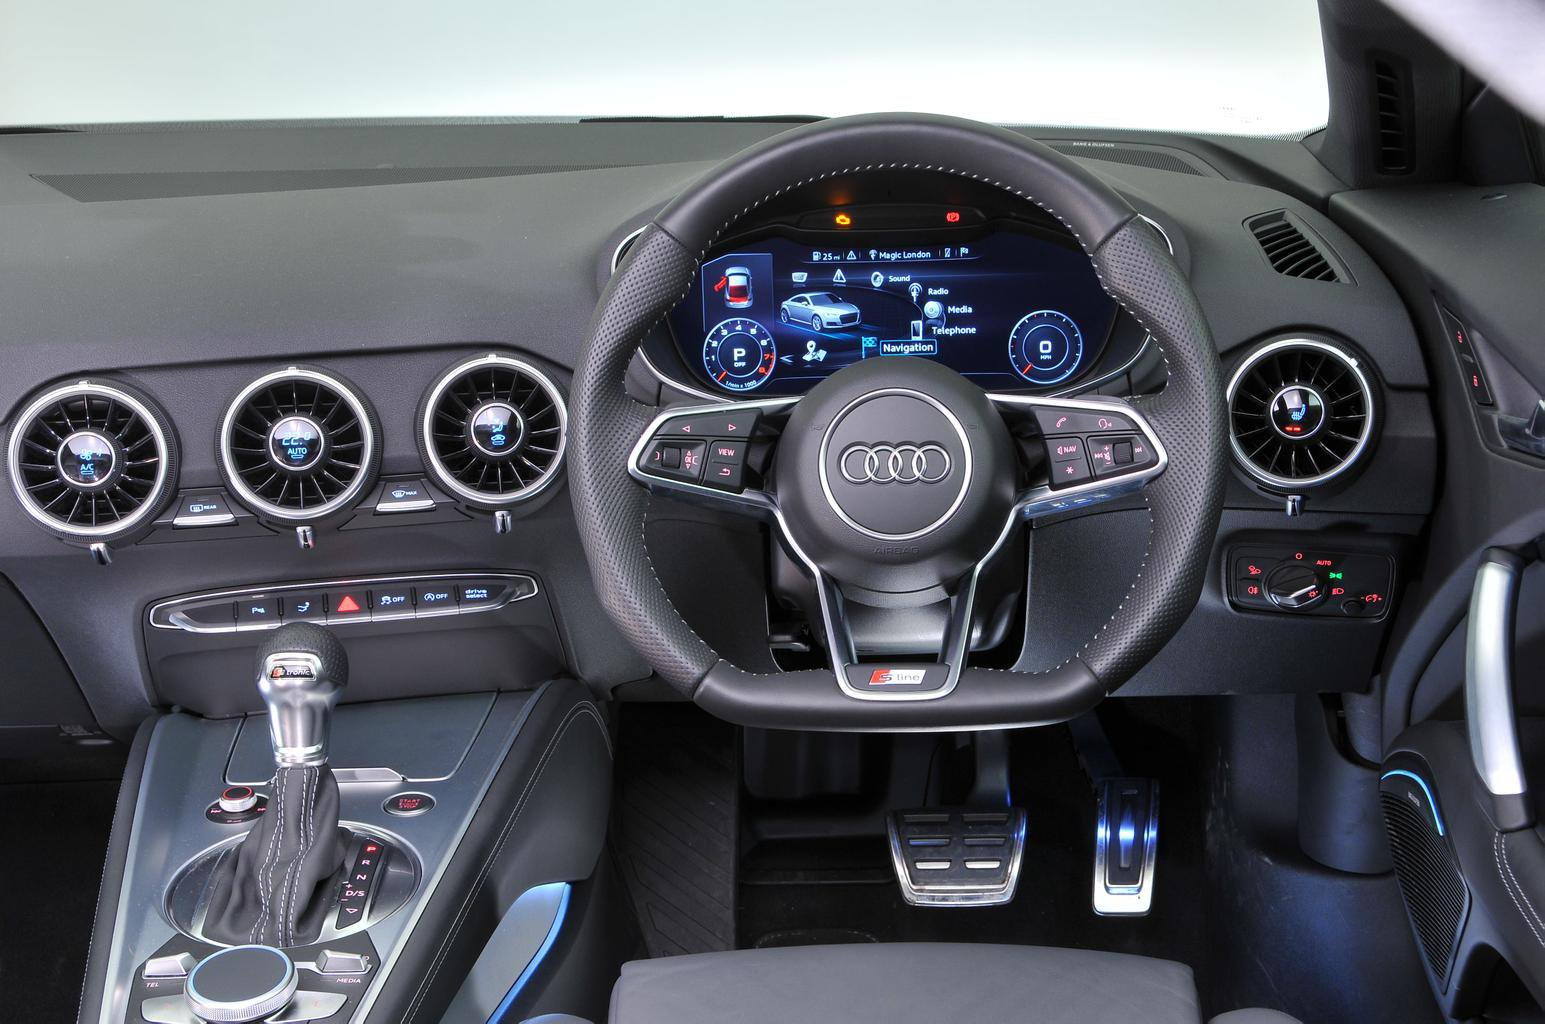 Audi TT vs VW Scirocco